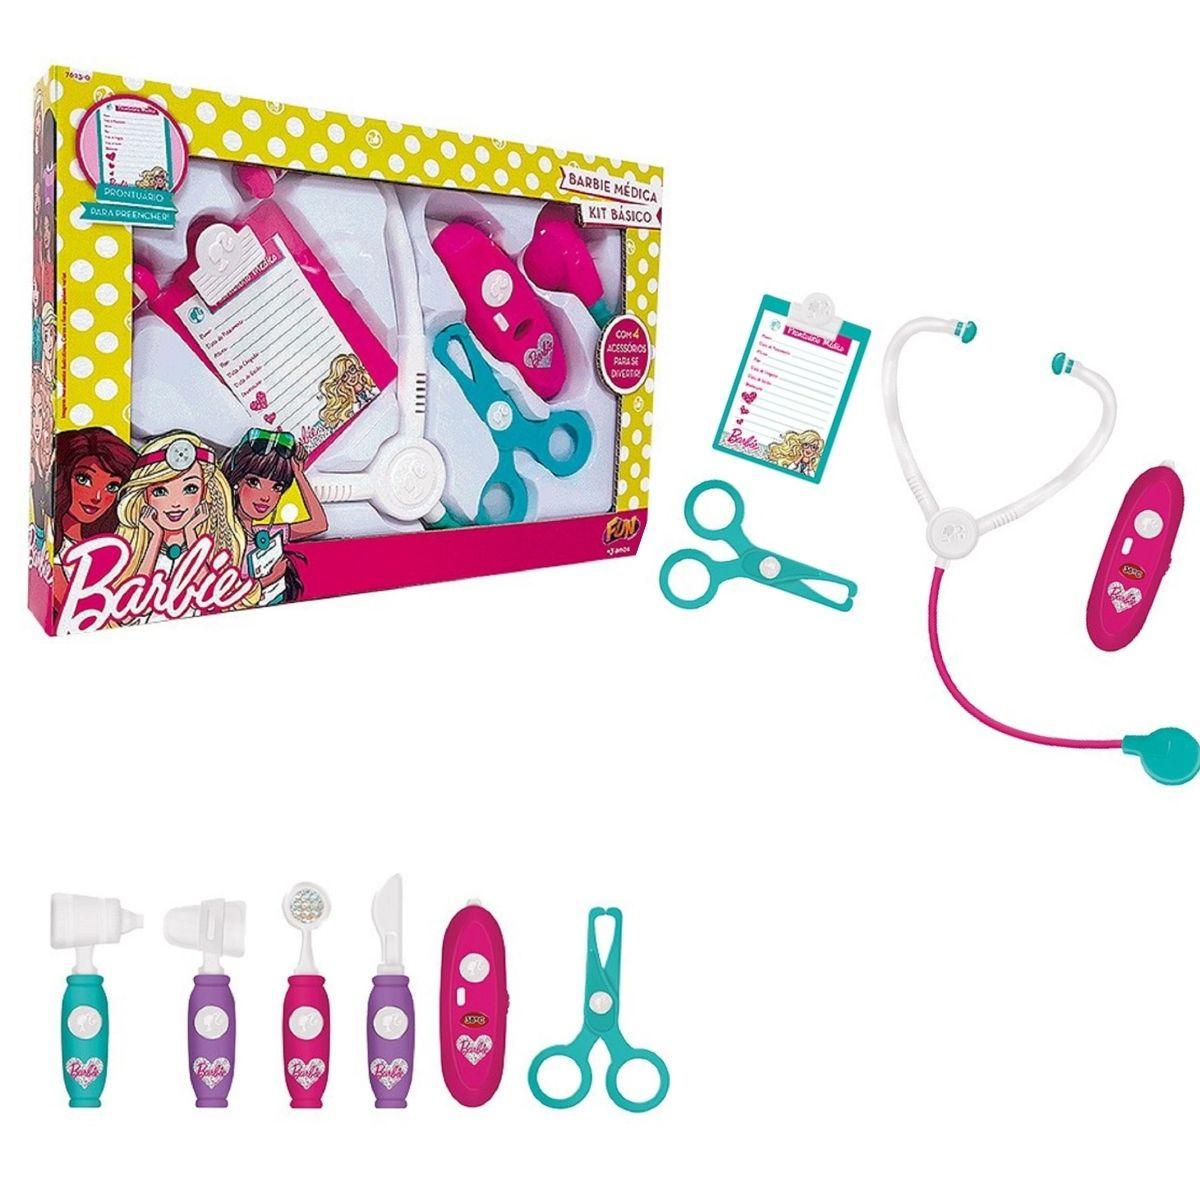 Barbie Médica Kit Médico Básico 4 Acessórios Fun